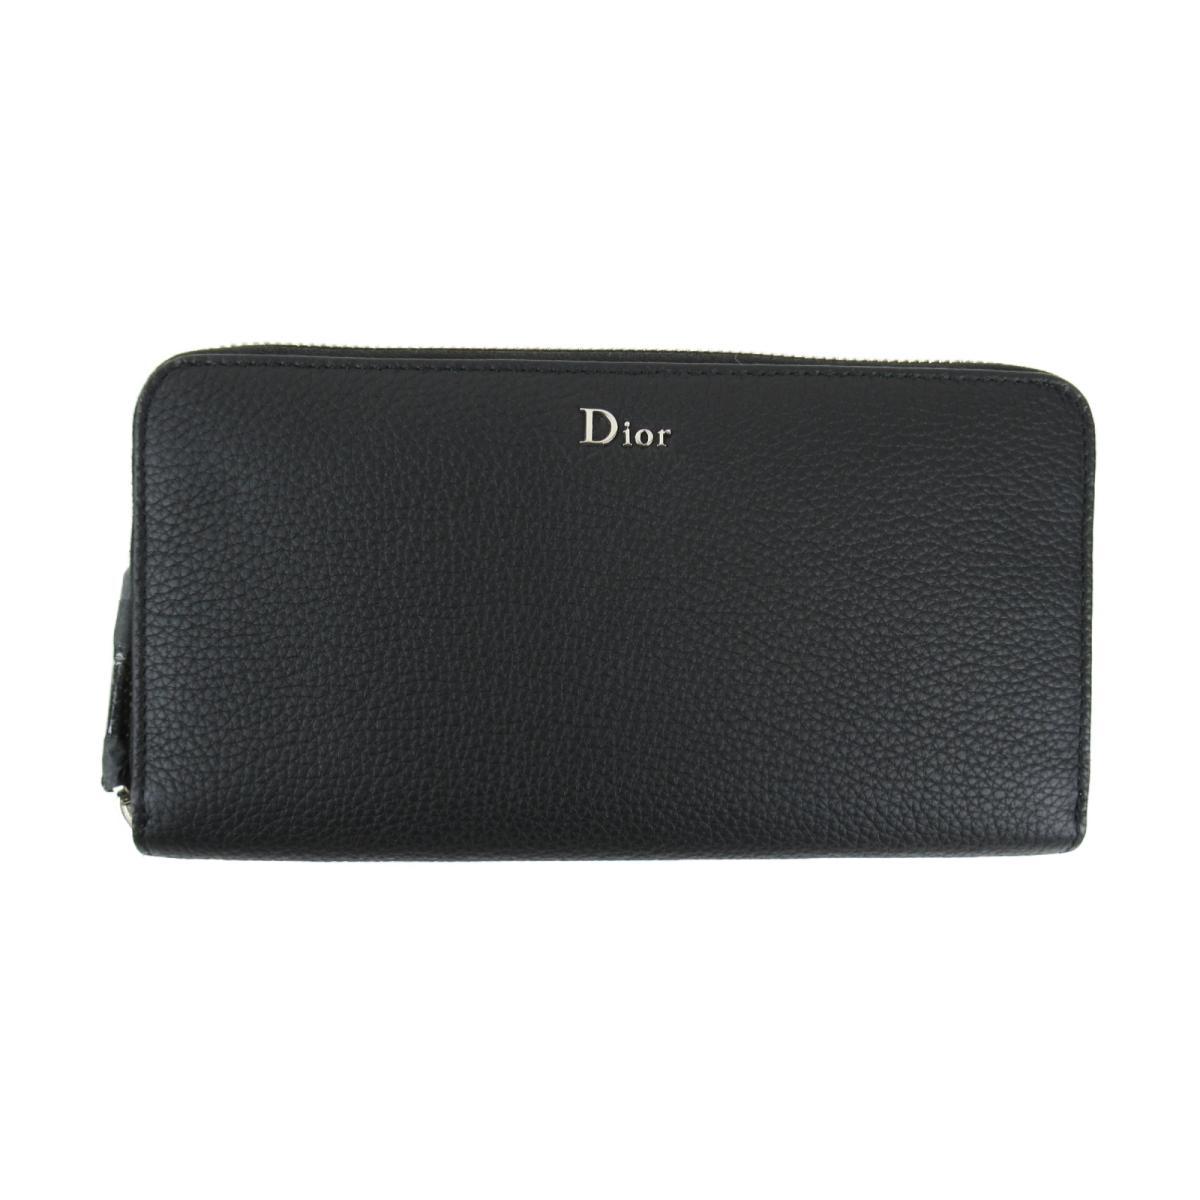 クリスチャン・ディオール WALLET ラウンド長財布 財布 メンズ レディース レザー ブラック (2DSBC011TABH900) | Dior BRANDOFF ブランドオフ ブランド ブランド財布 レディース財布 サイフ